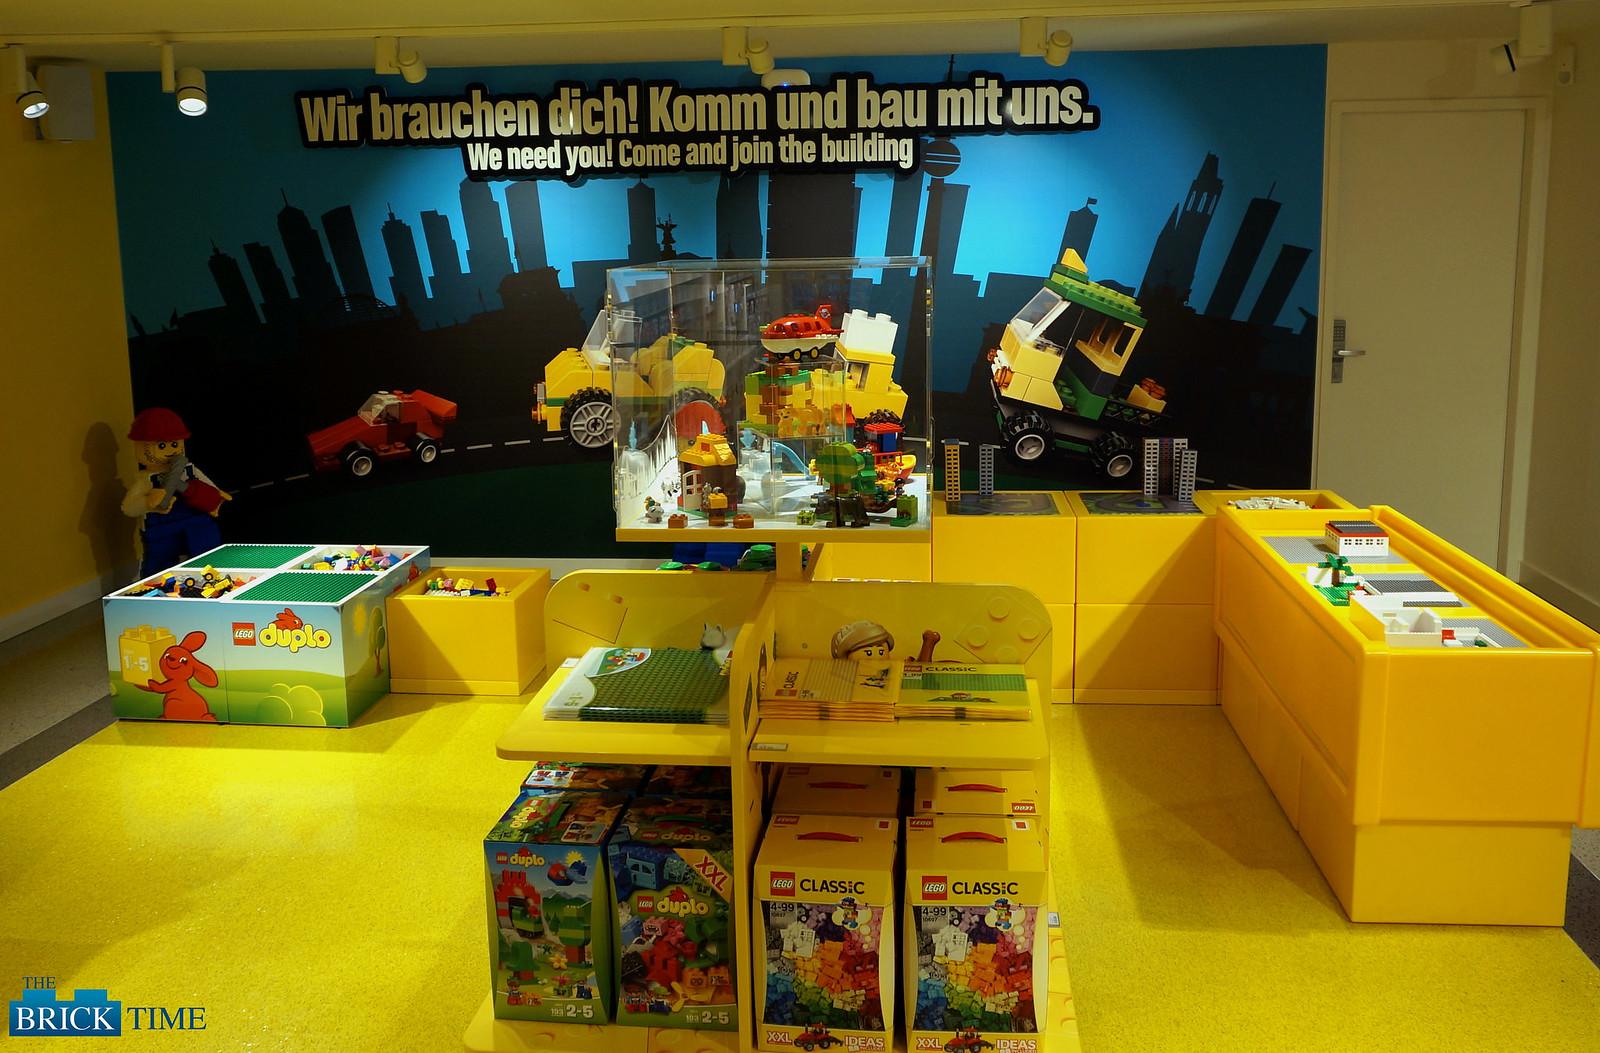 LEGO Store Berlin Second Floor